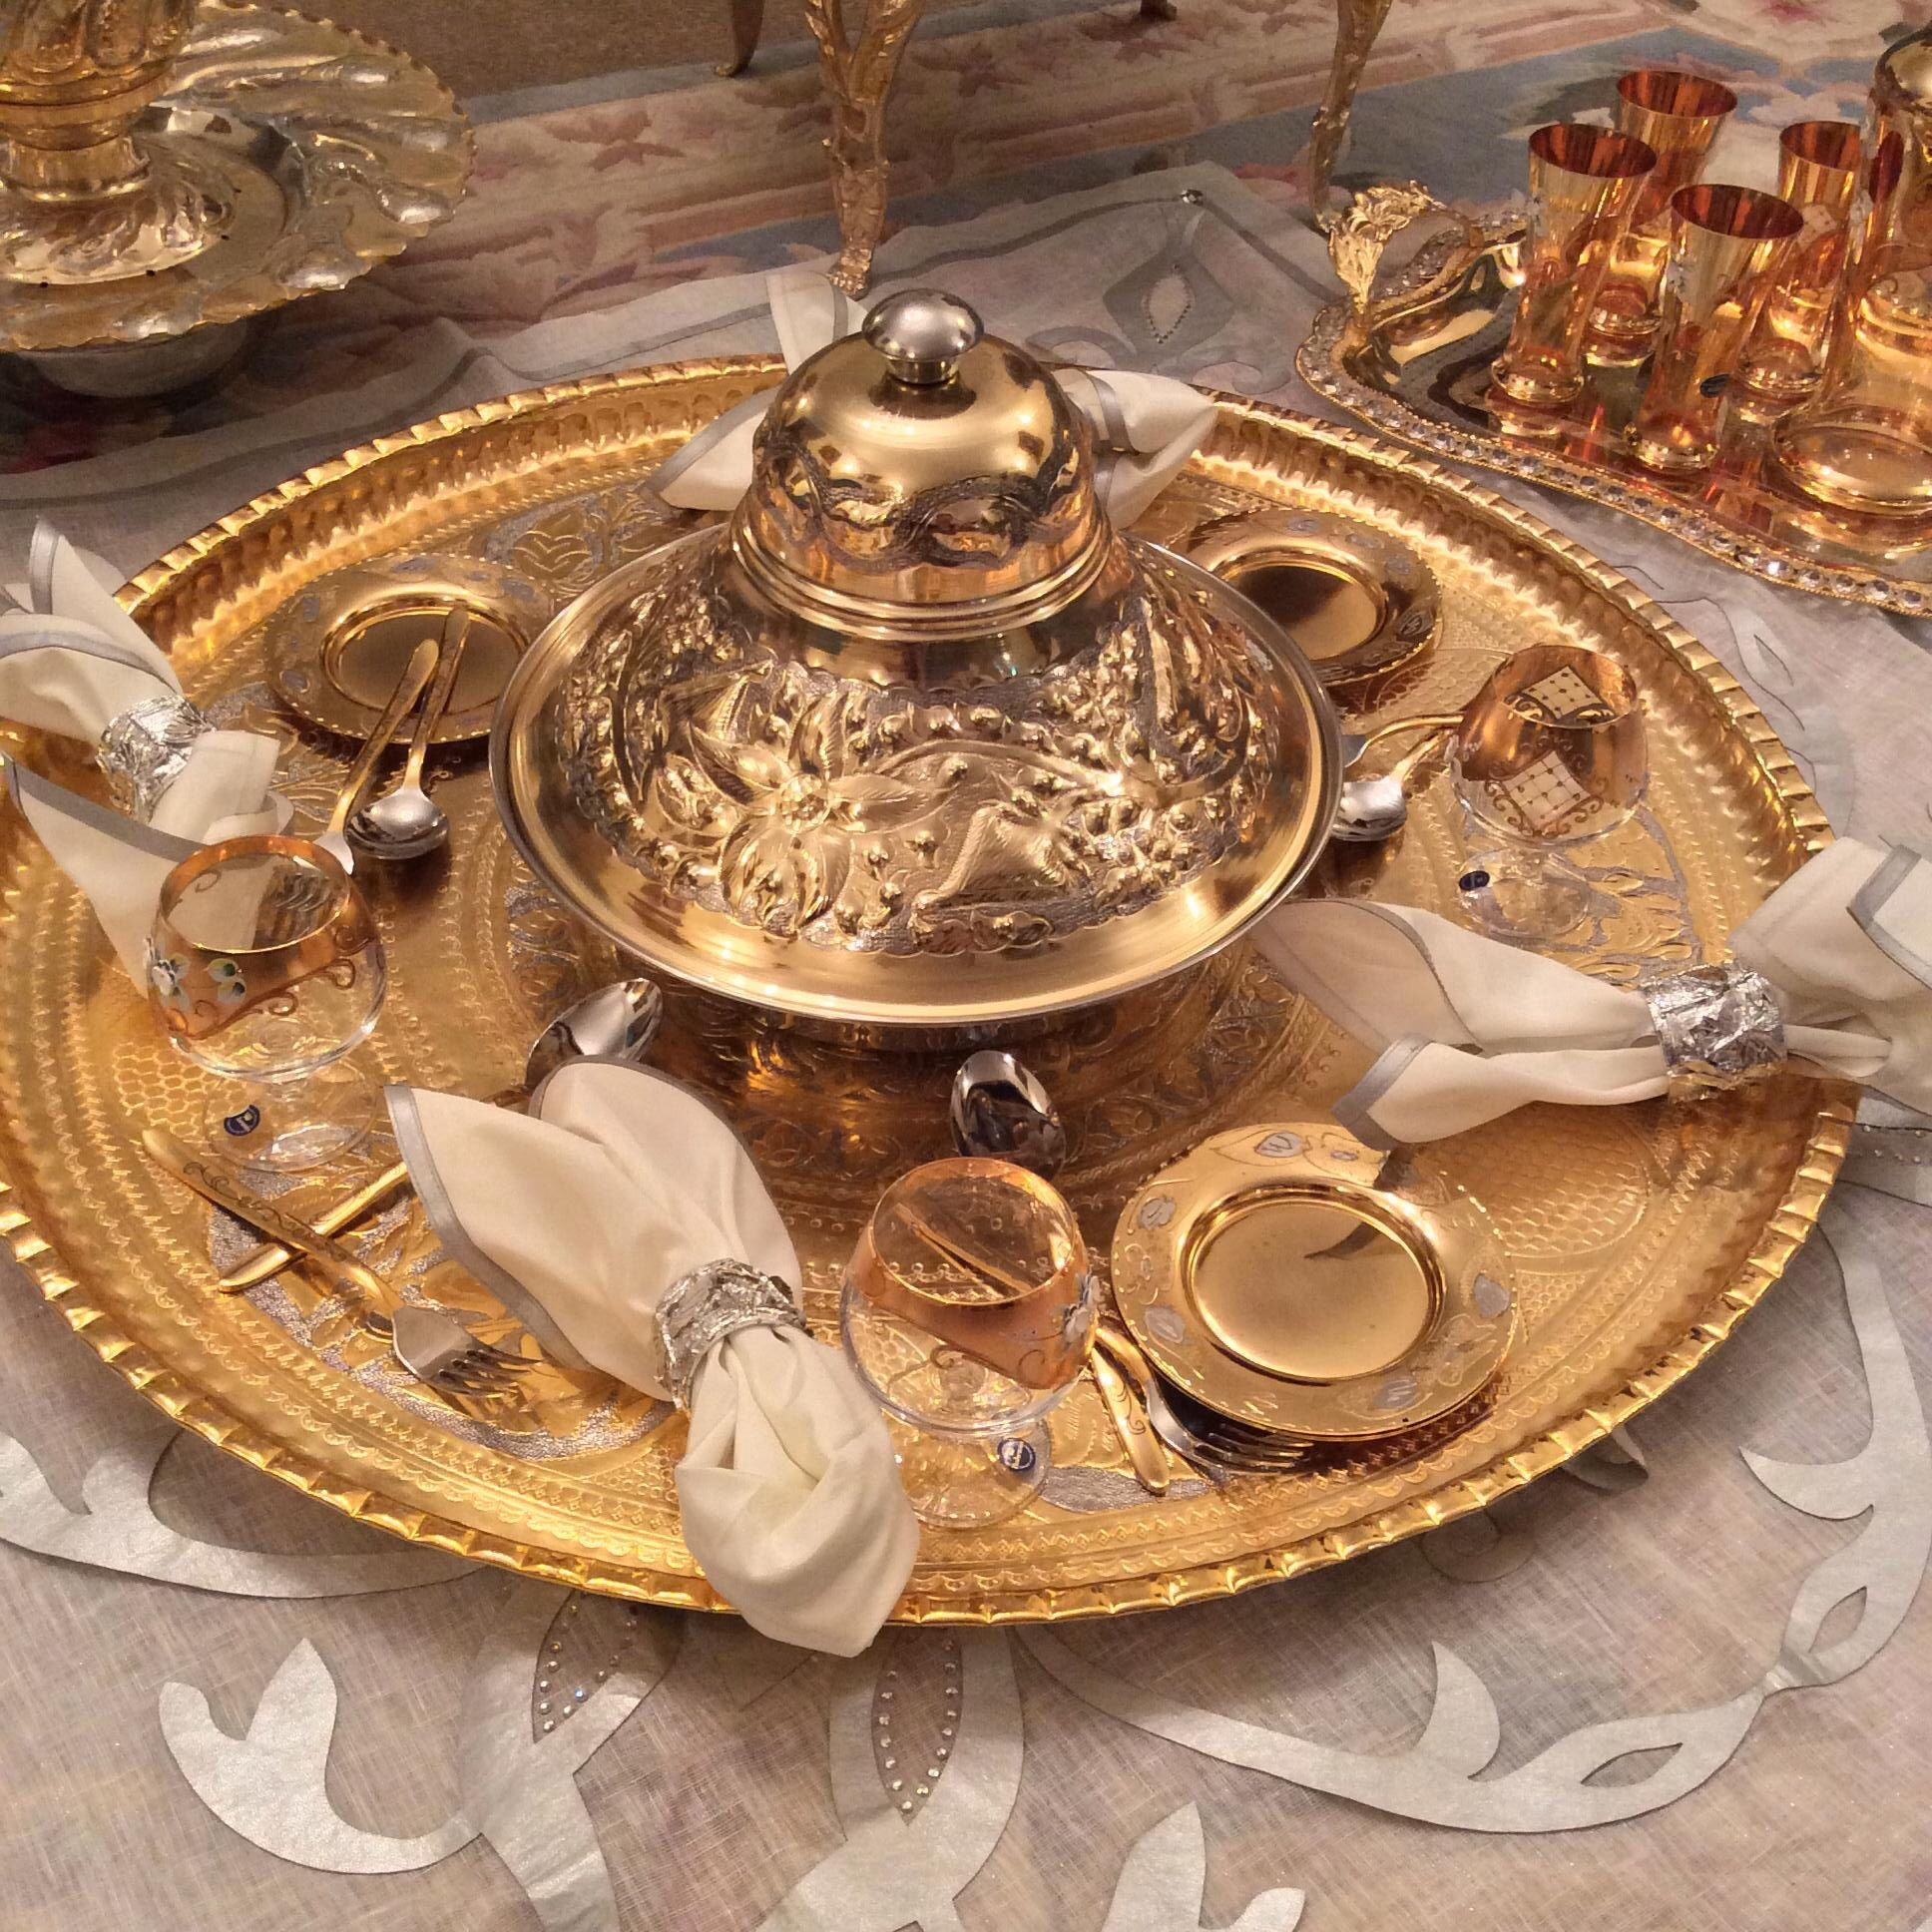 طريقة تقديم الاكل الليبي بصورة مرتبة وجميلة Libyan Food Fresh Mint Tea Dessert Tea